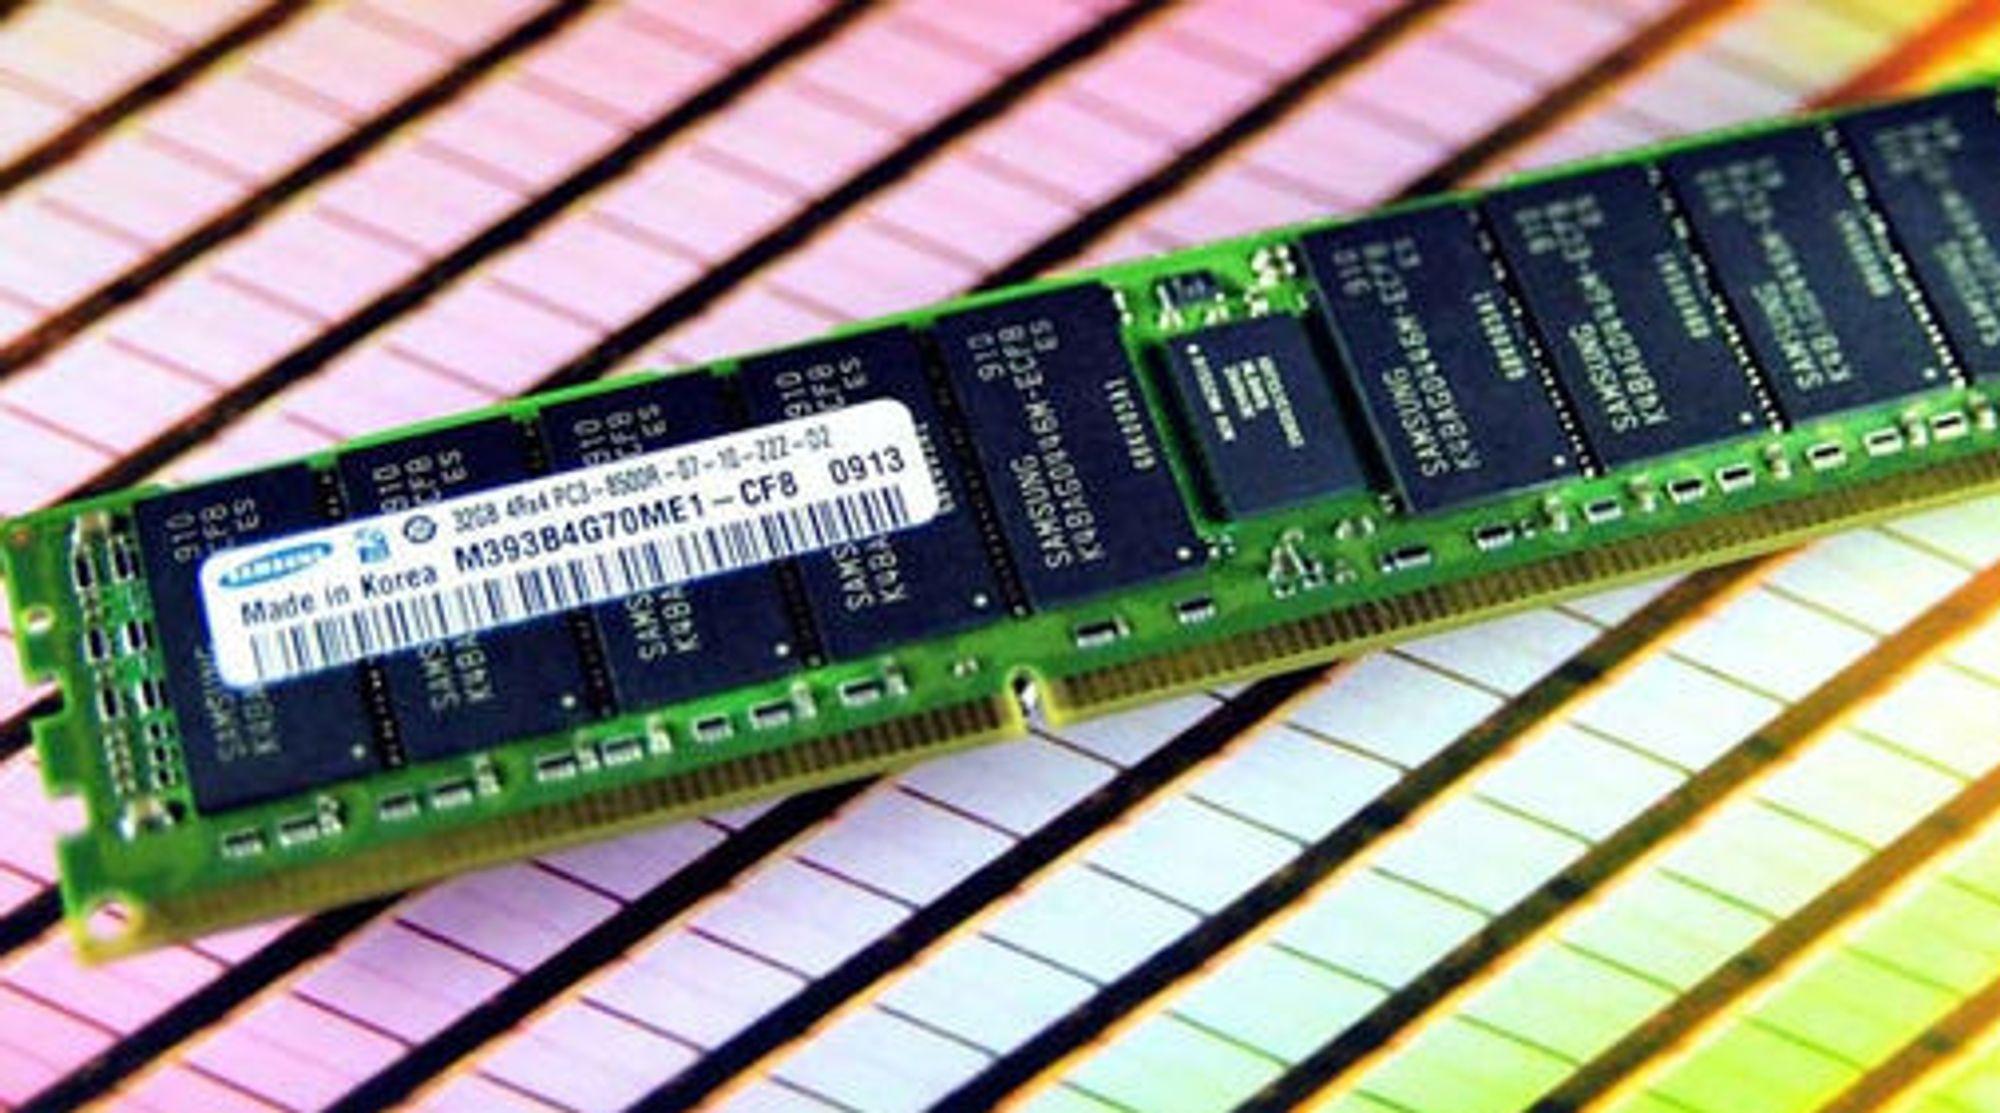 Samsung DDR3 RDIMM med kapasitet på 32 GB.